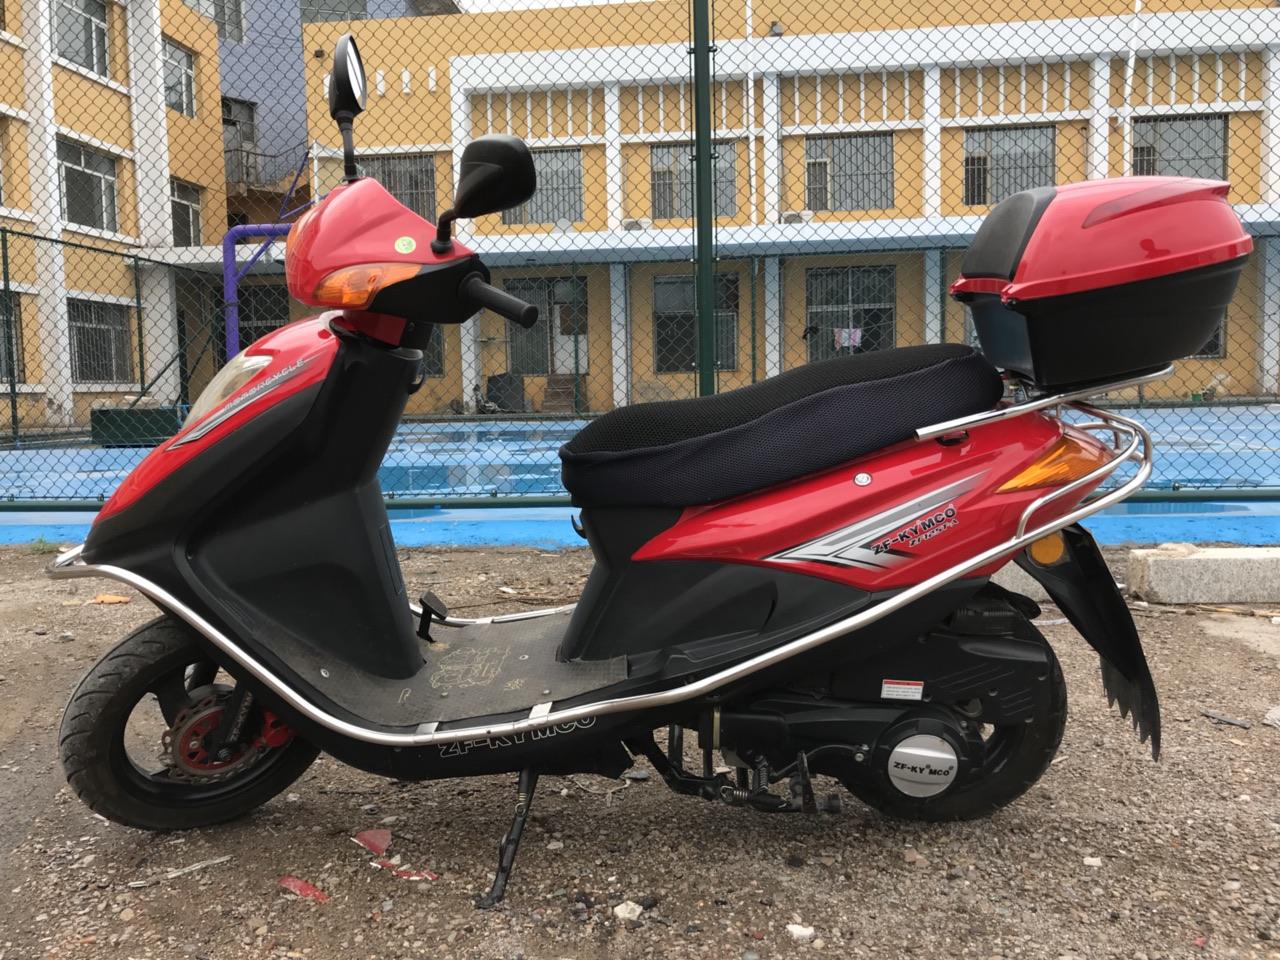 出售凤凰牌摩托车???,非常新,非常好骑,各项功能都正常,没有任何维修,在县里骑了1800KM.可以...